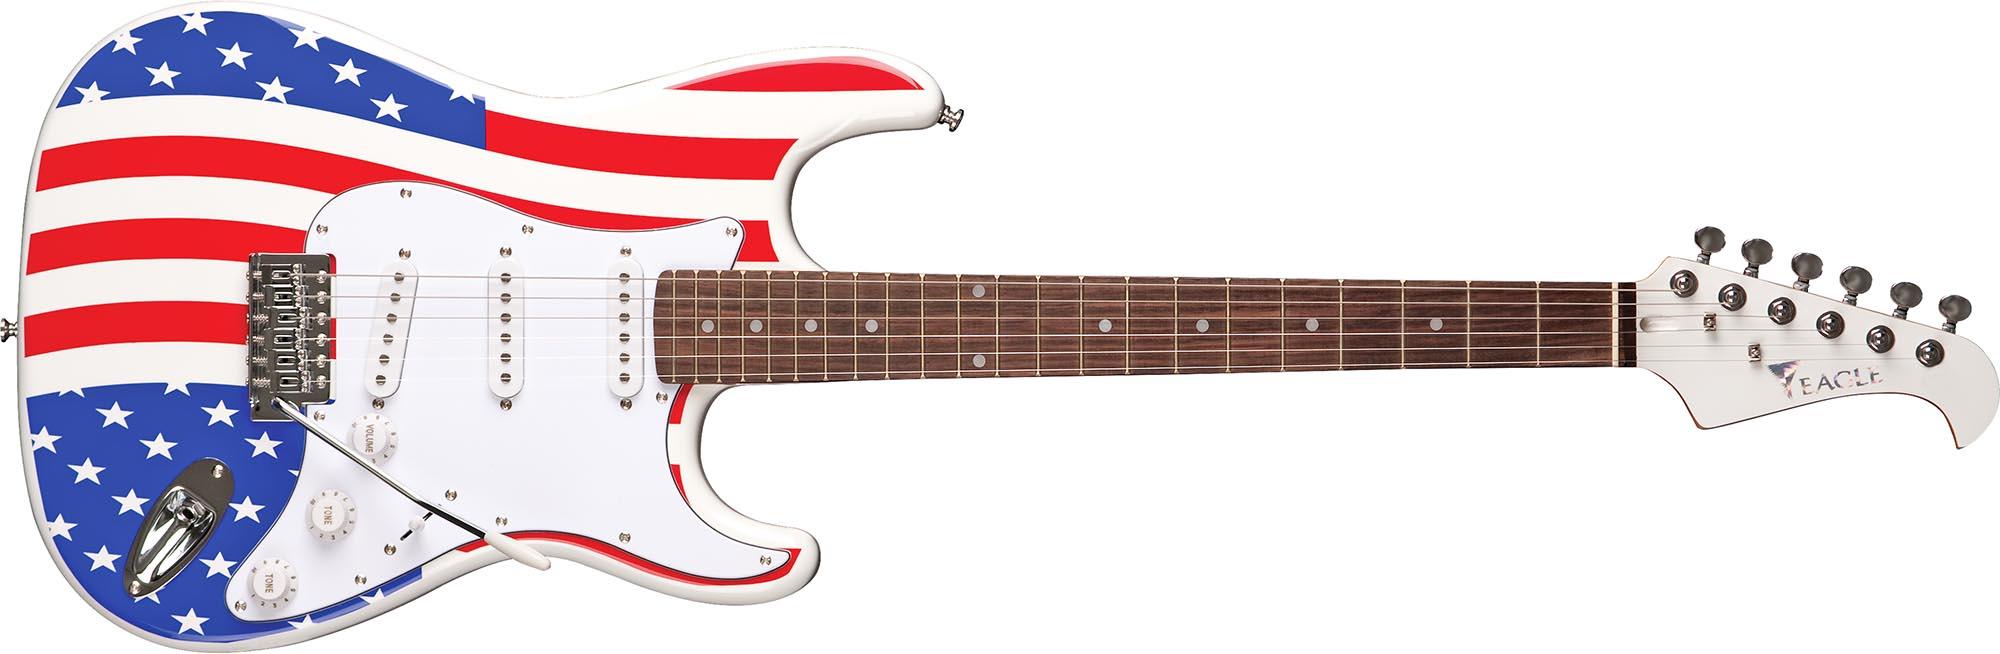 sts001 guitarra eletrica stratocaster captador simgle eagle sts001 us bandeira americana visao frontal